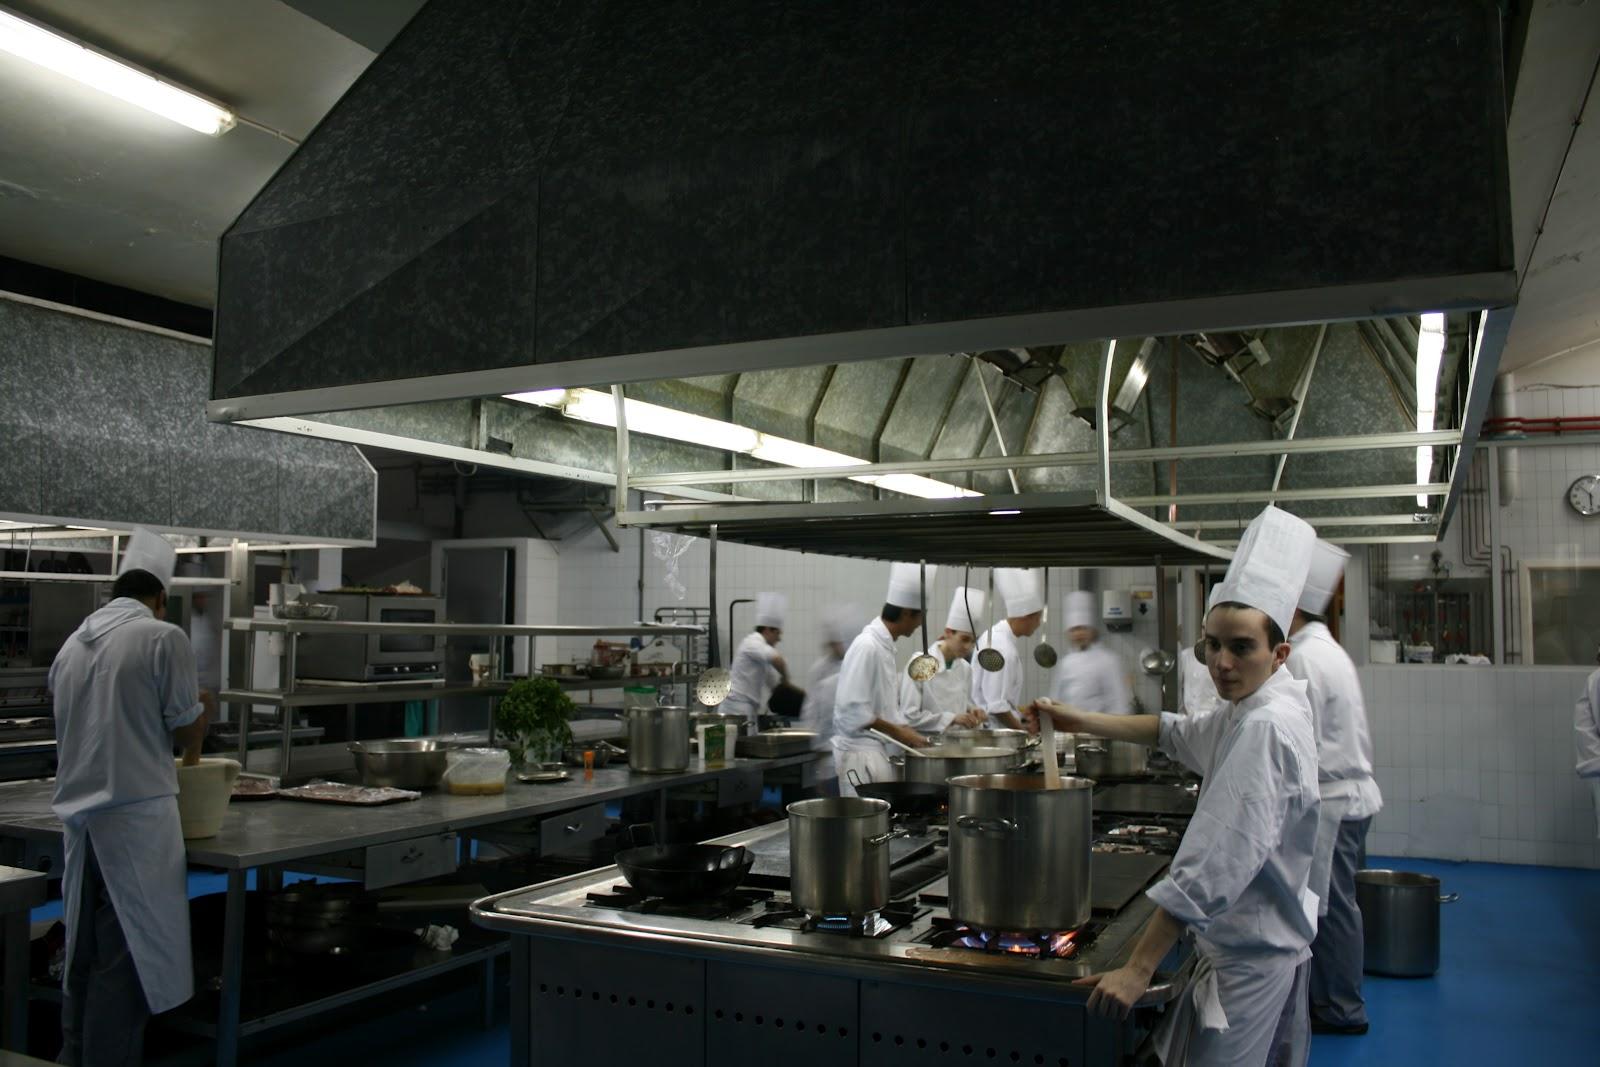 Visita a la escuela superior de hosteler a y turismo de - Escuela de cocina ...